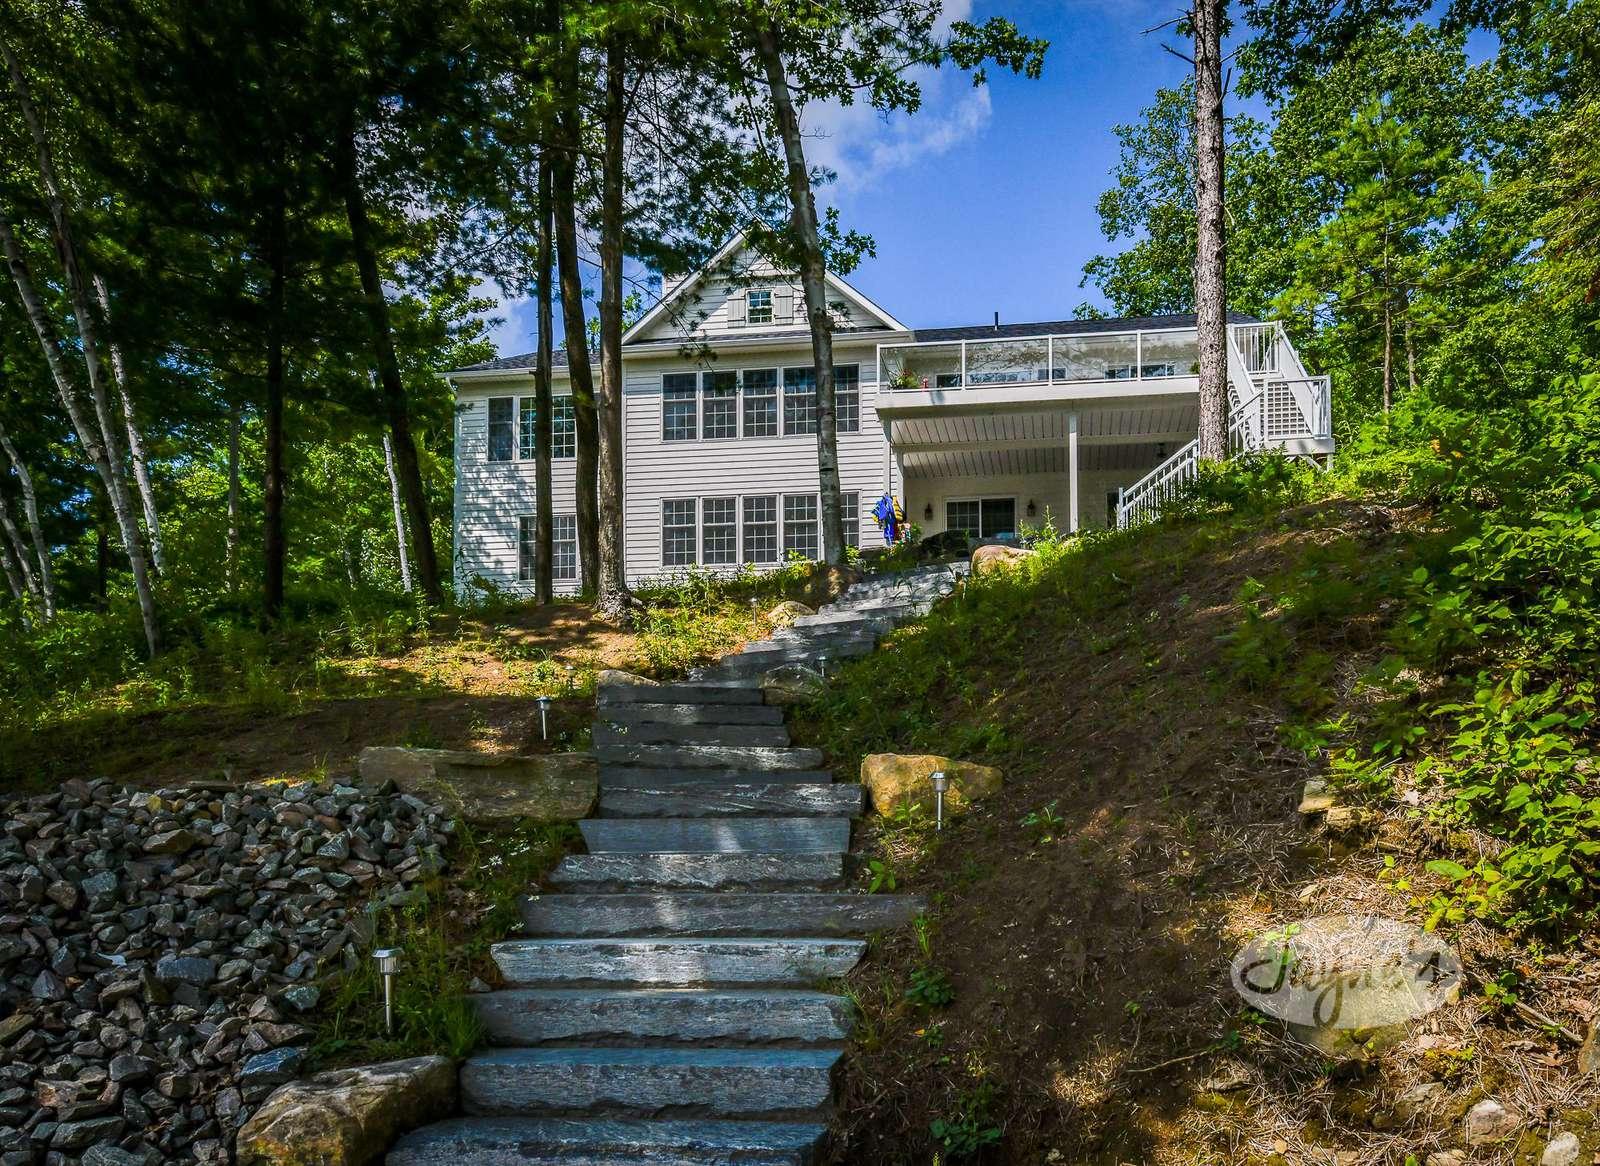 Stone Walkways & Stairs